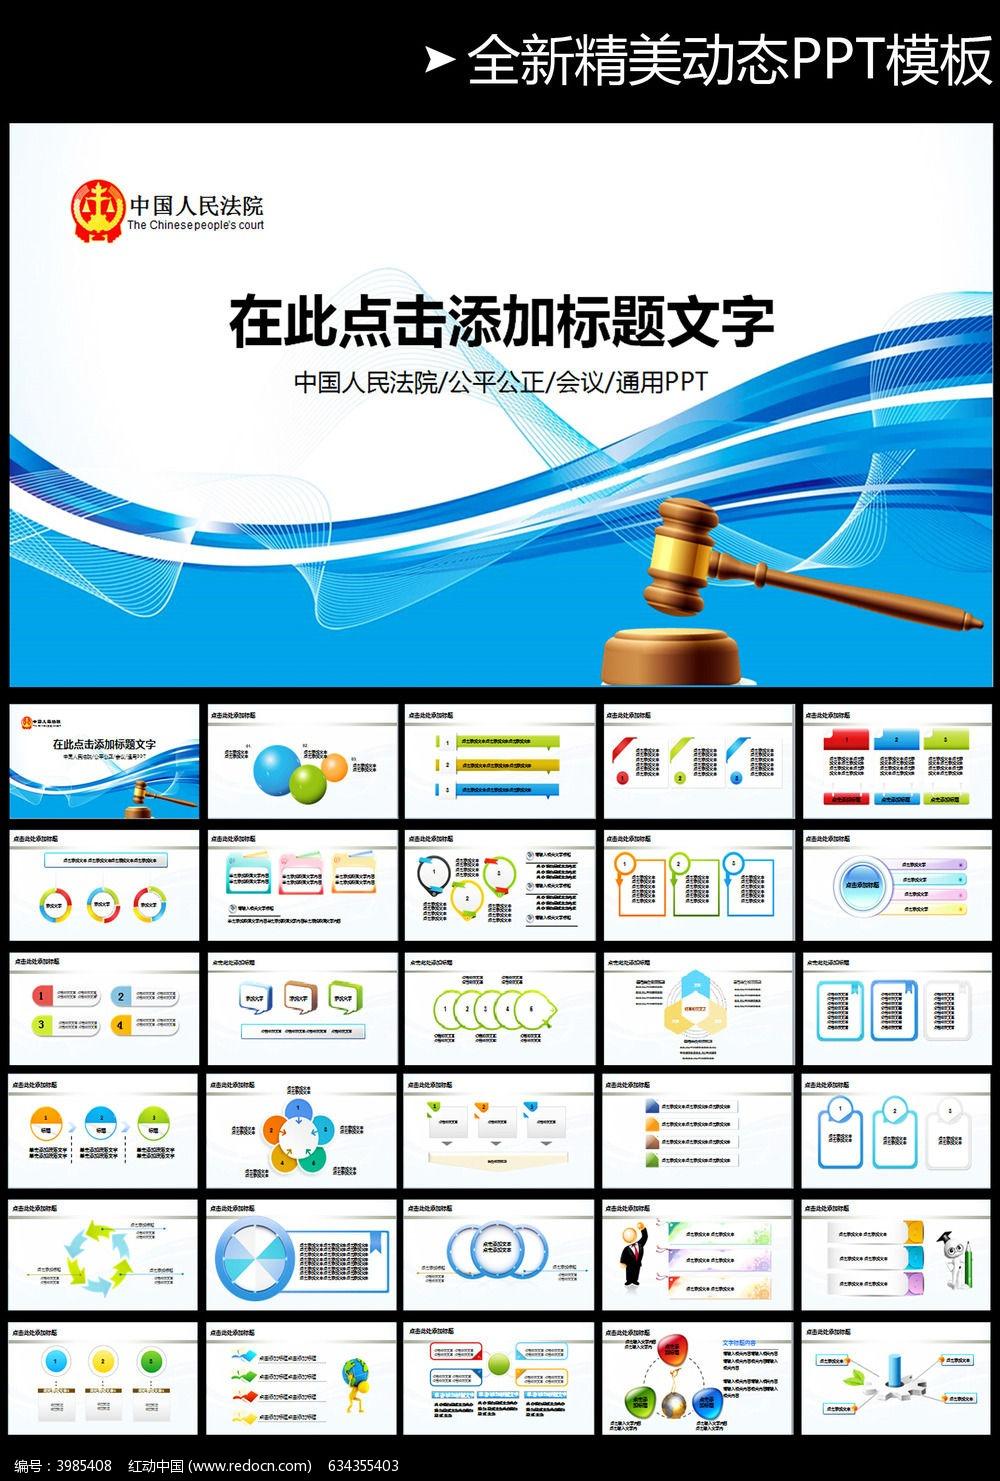 大气人民法院法庭动态ppt模板背景